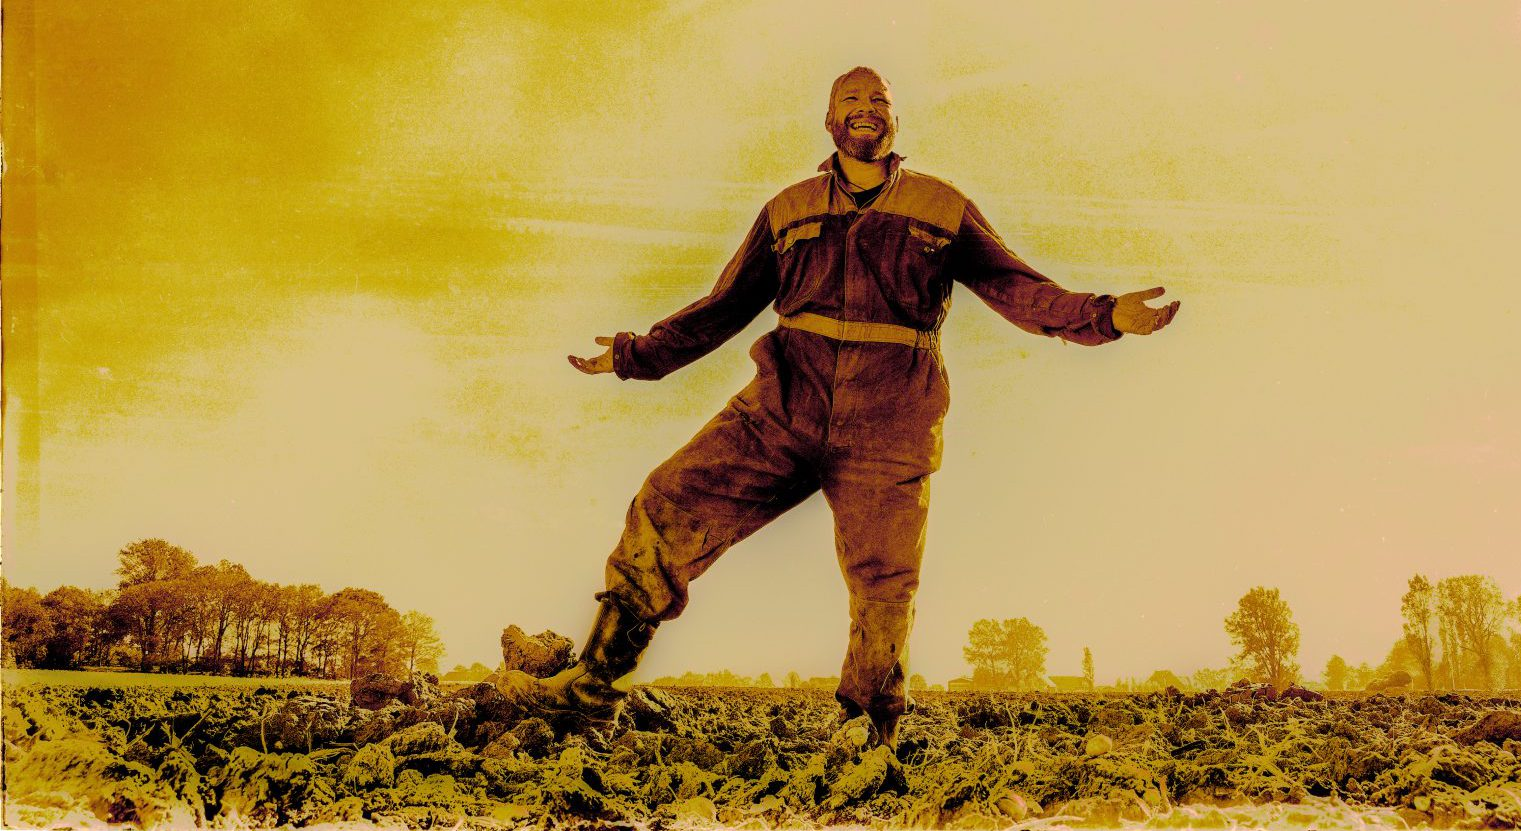 portret van een lachende boer in overall, armen gespreid en met zijn laarzen in de klei